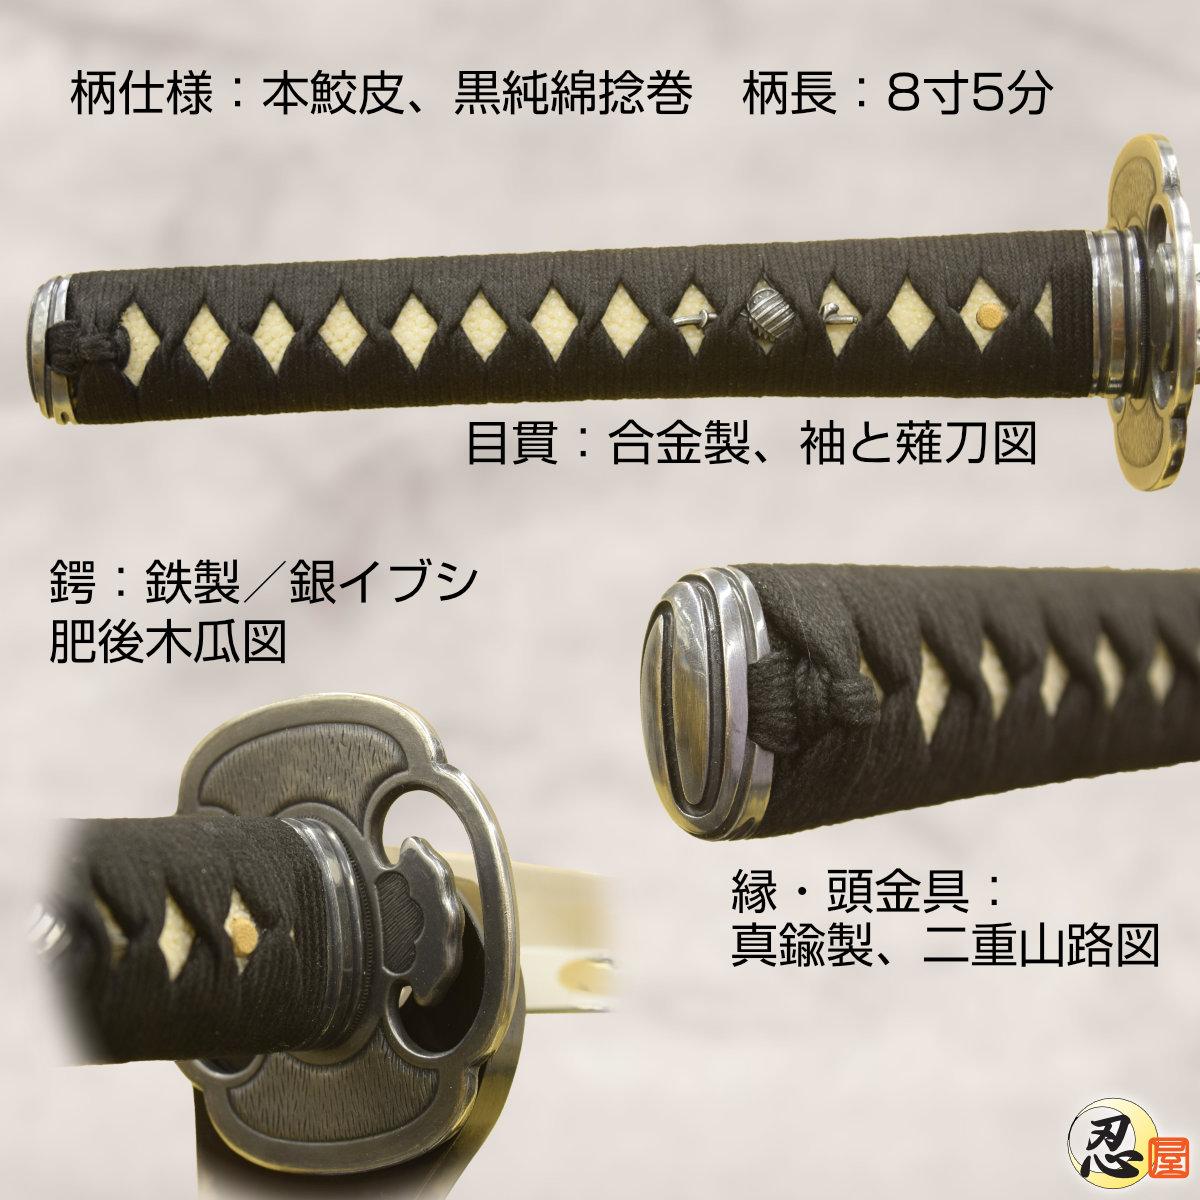 高級居合刀 ~九州肥後菊池住 名工~同田貫上野介(刀袋付き)